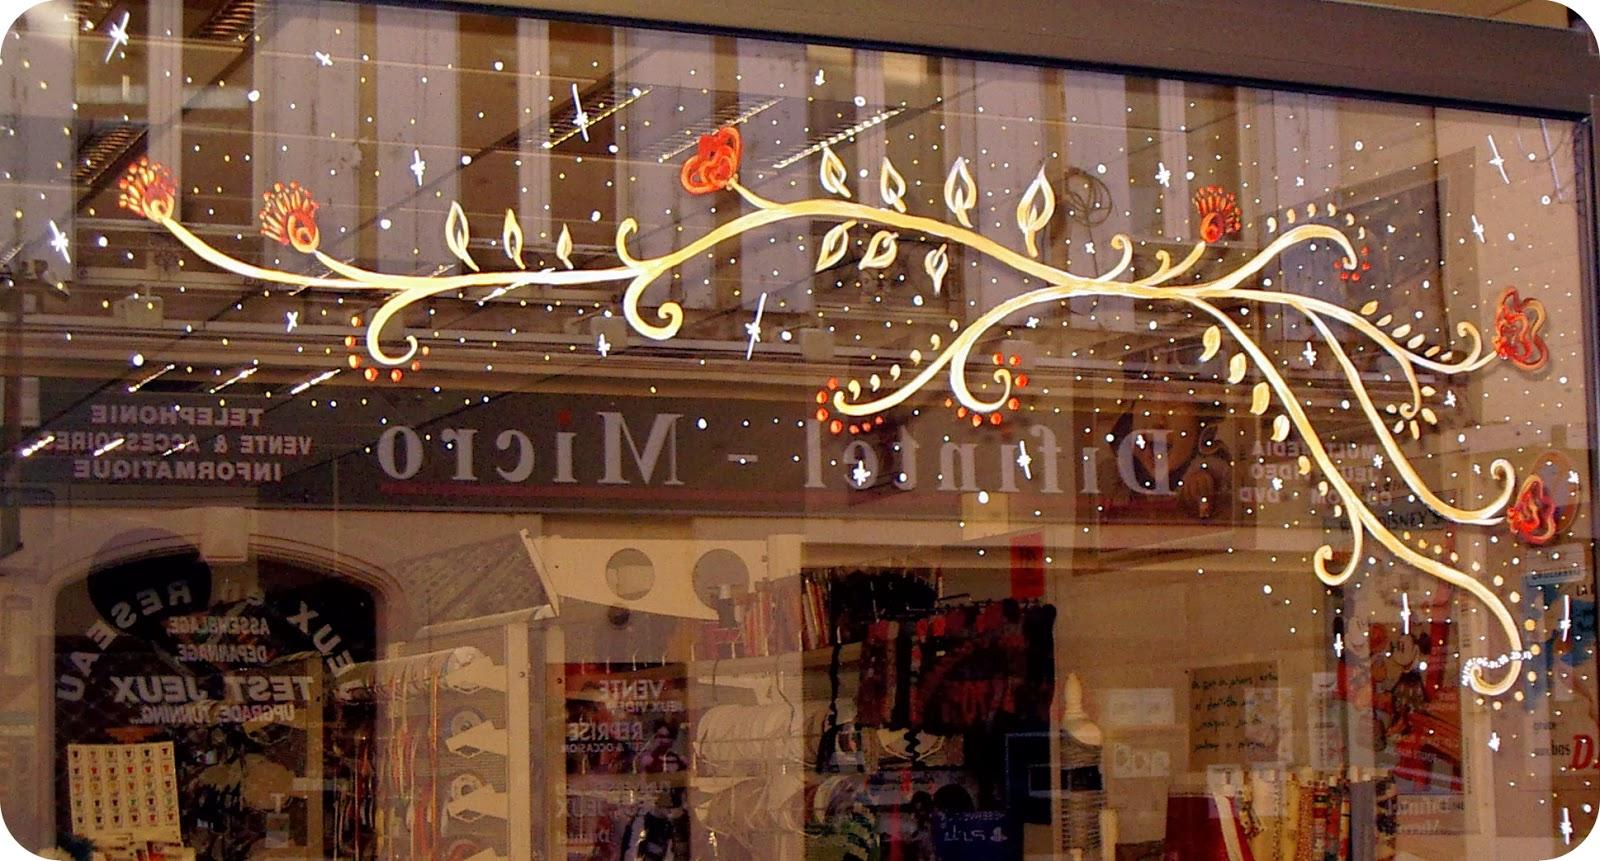 #AE351D Mickaëlle Delamé: Vitrines Peintes Pour Noël 5491 décorations de noel pour vitres 1600x861 px @ aertt.com